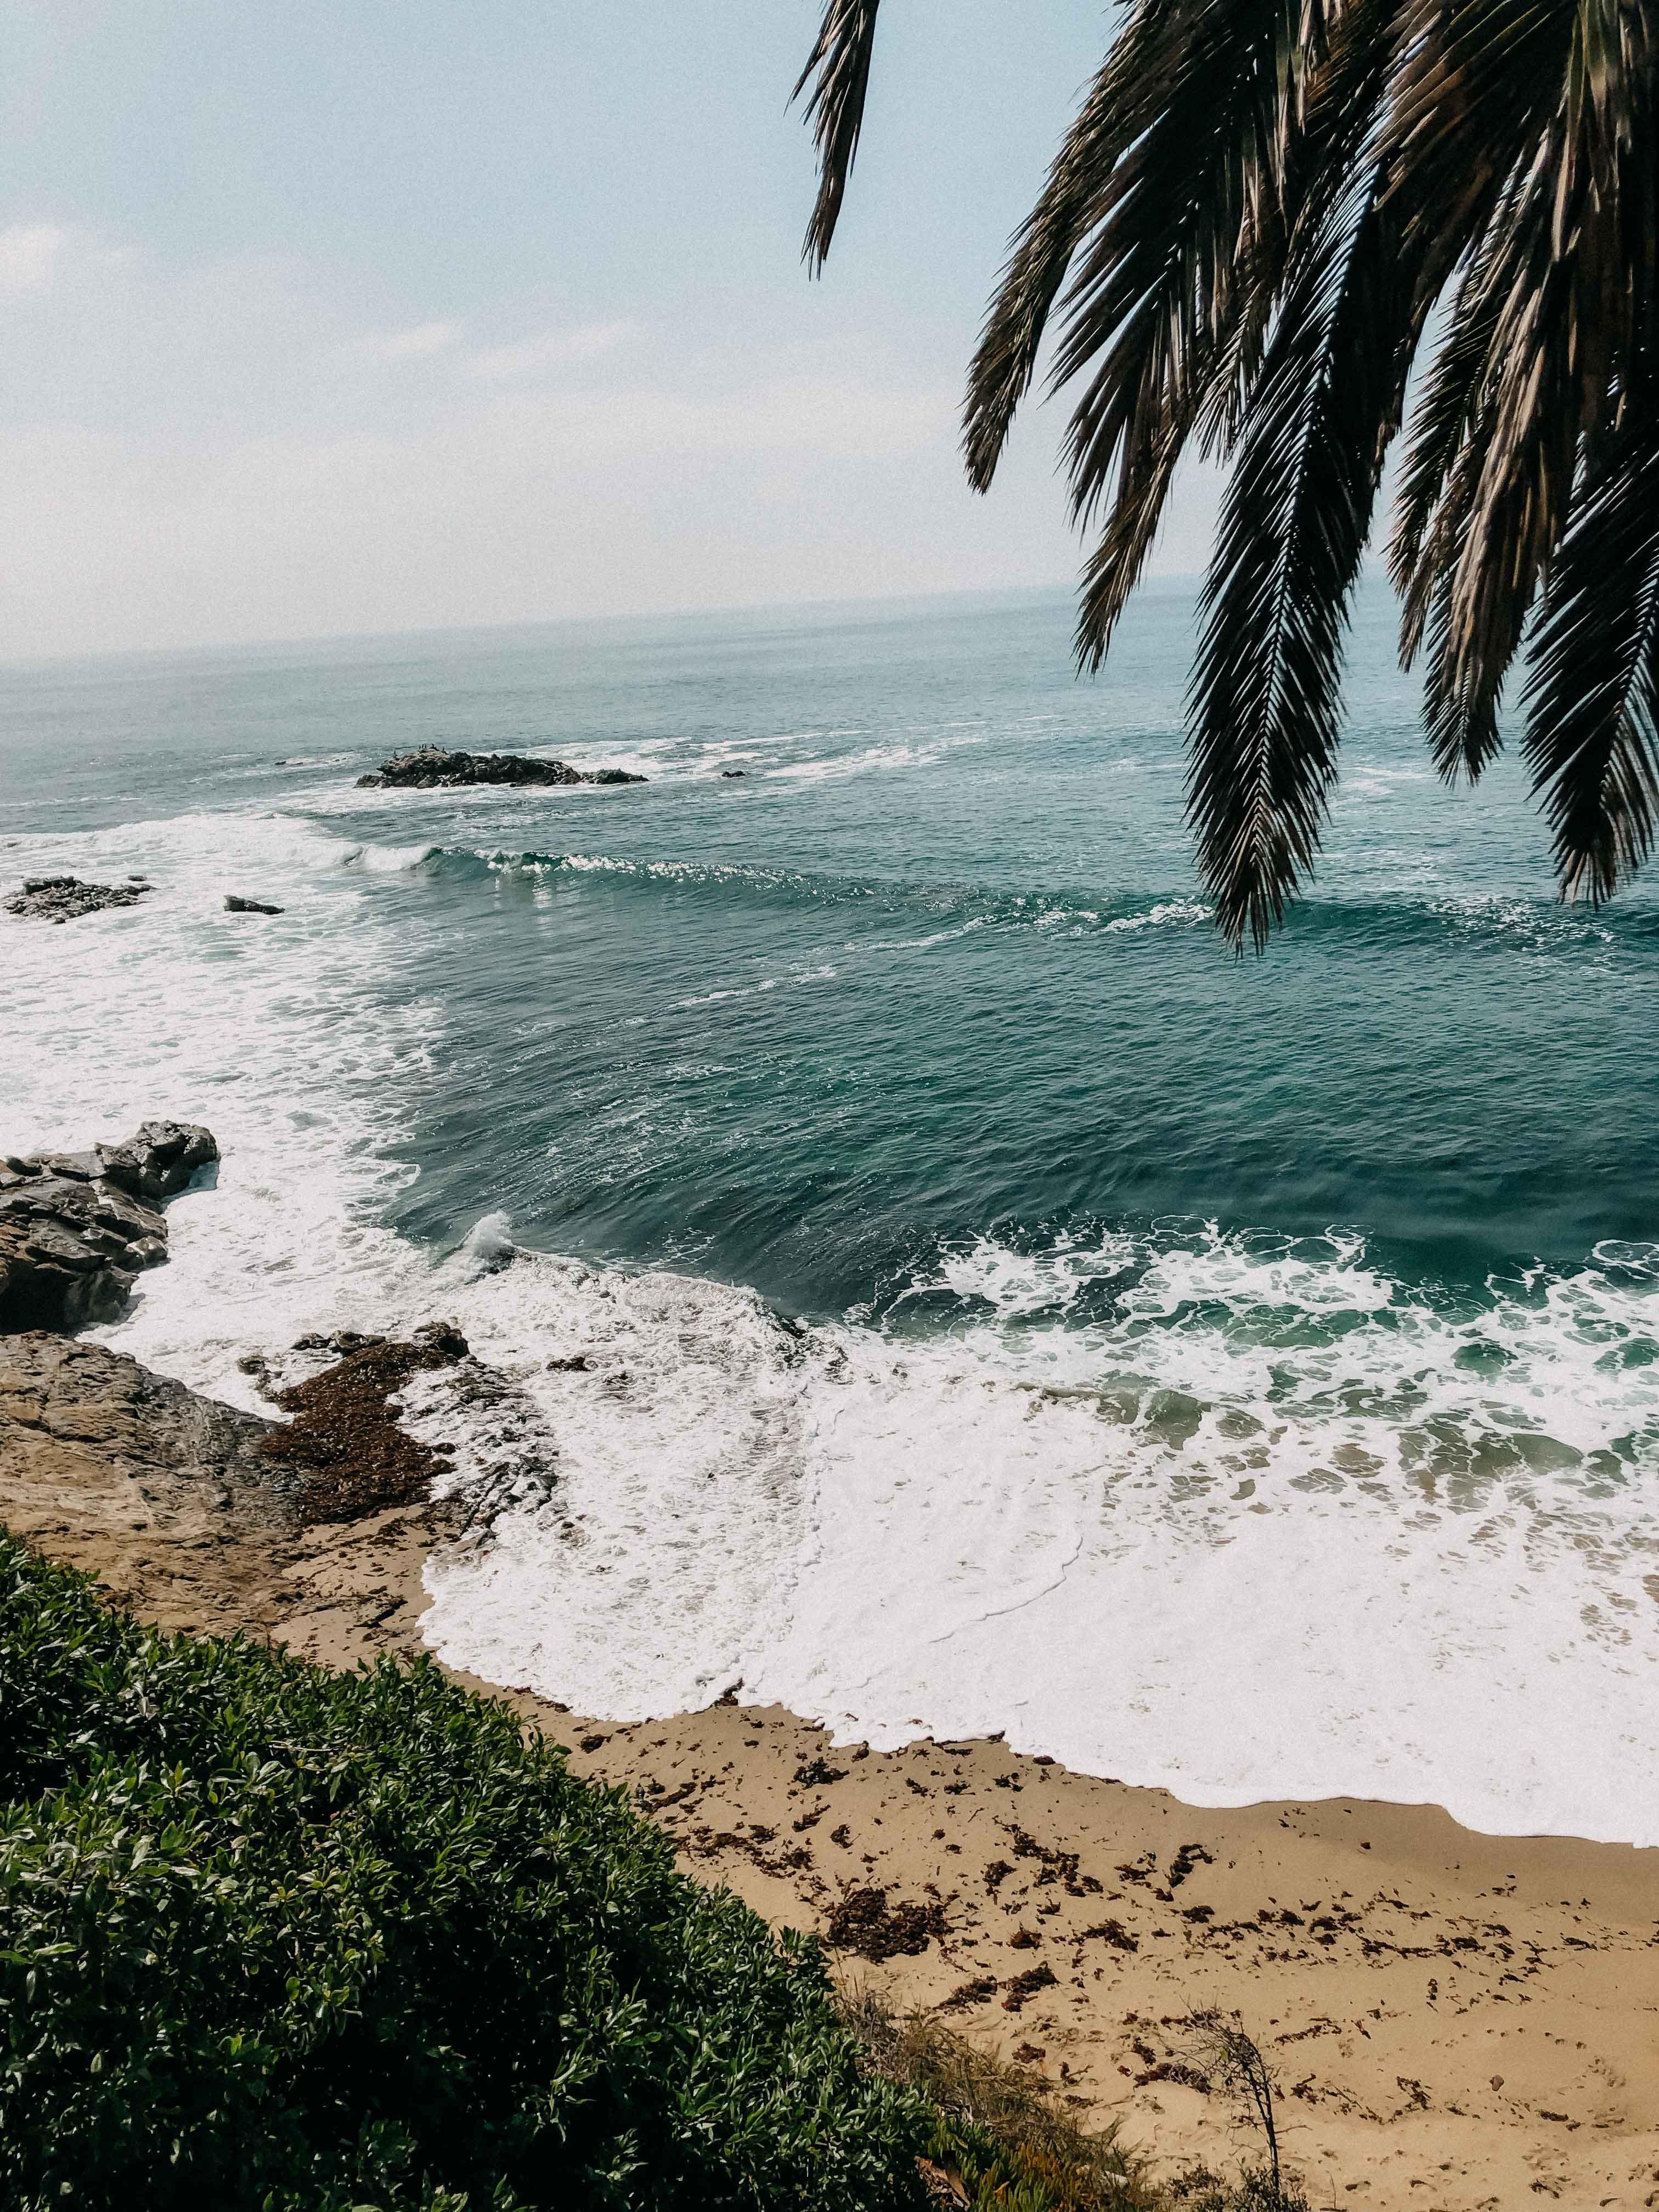 Top Insider Tipps Los Angeles Laguna Beach Traumstrände LA beste Strände Tipp bester Strand USA Amerika 6